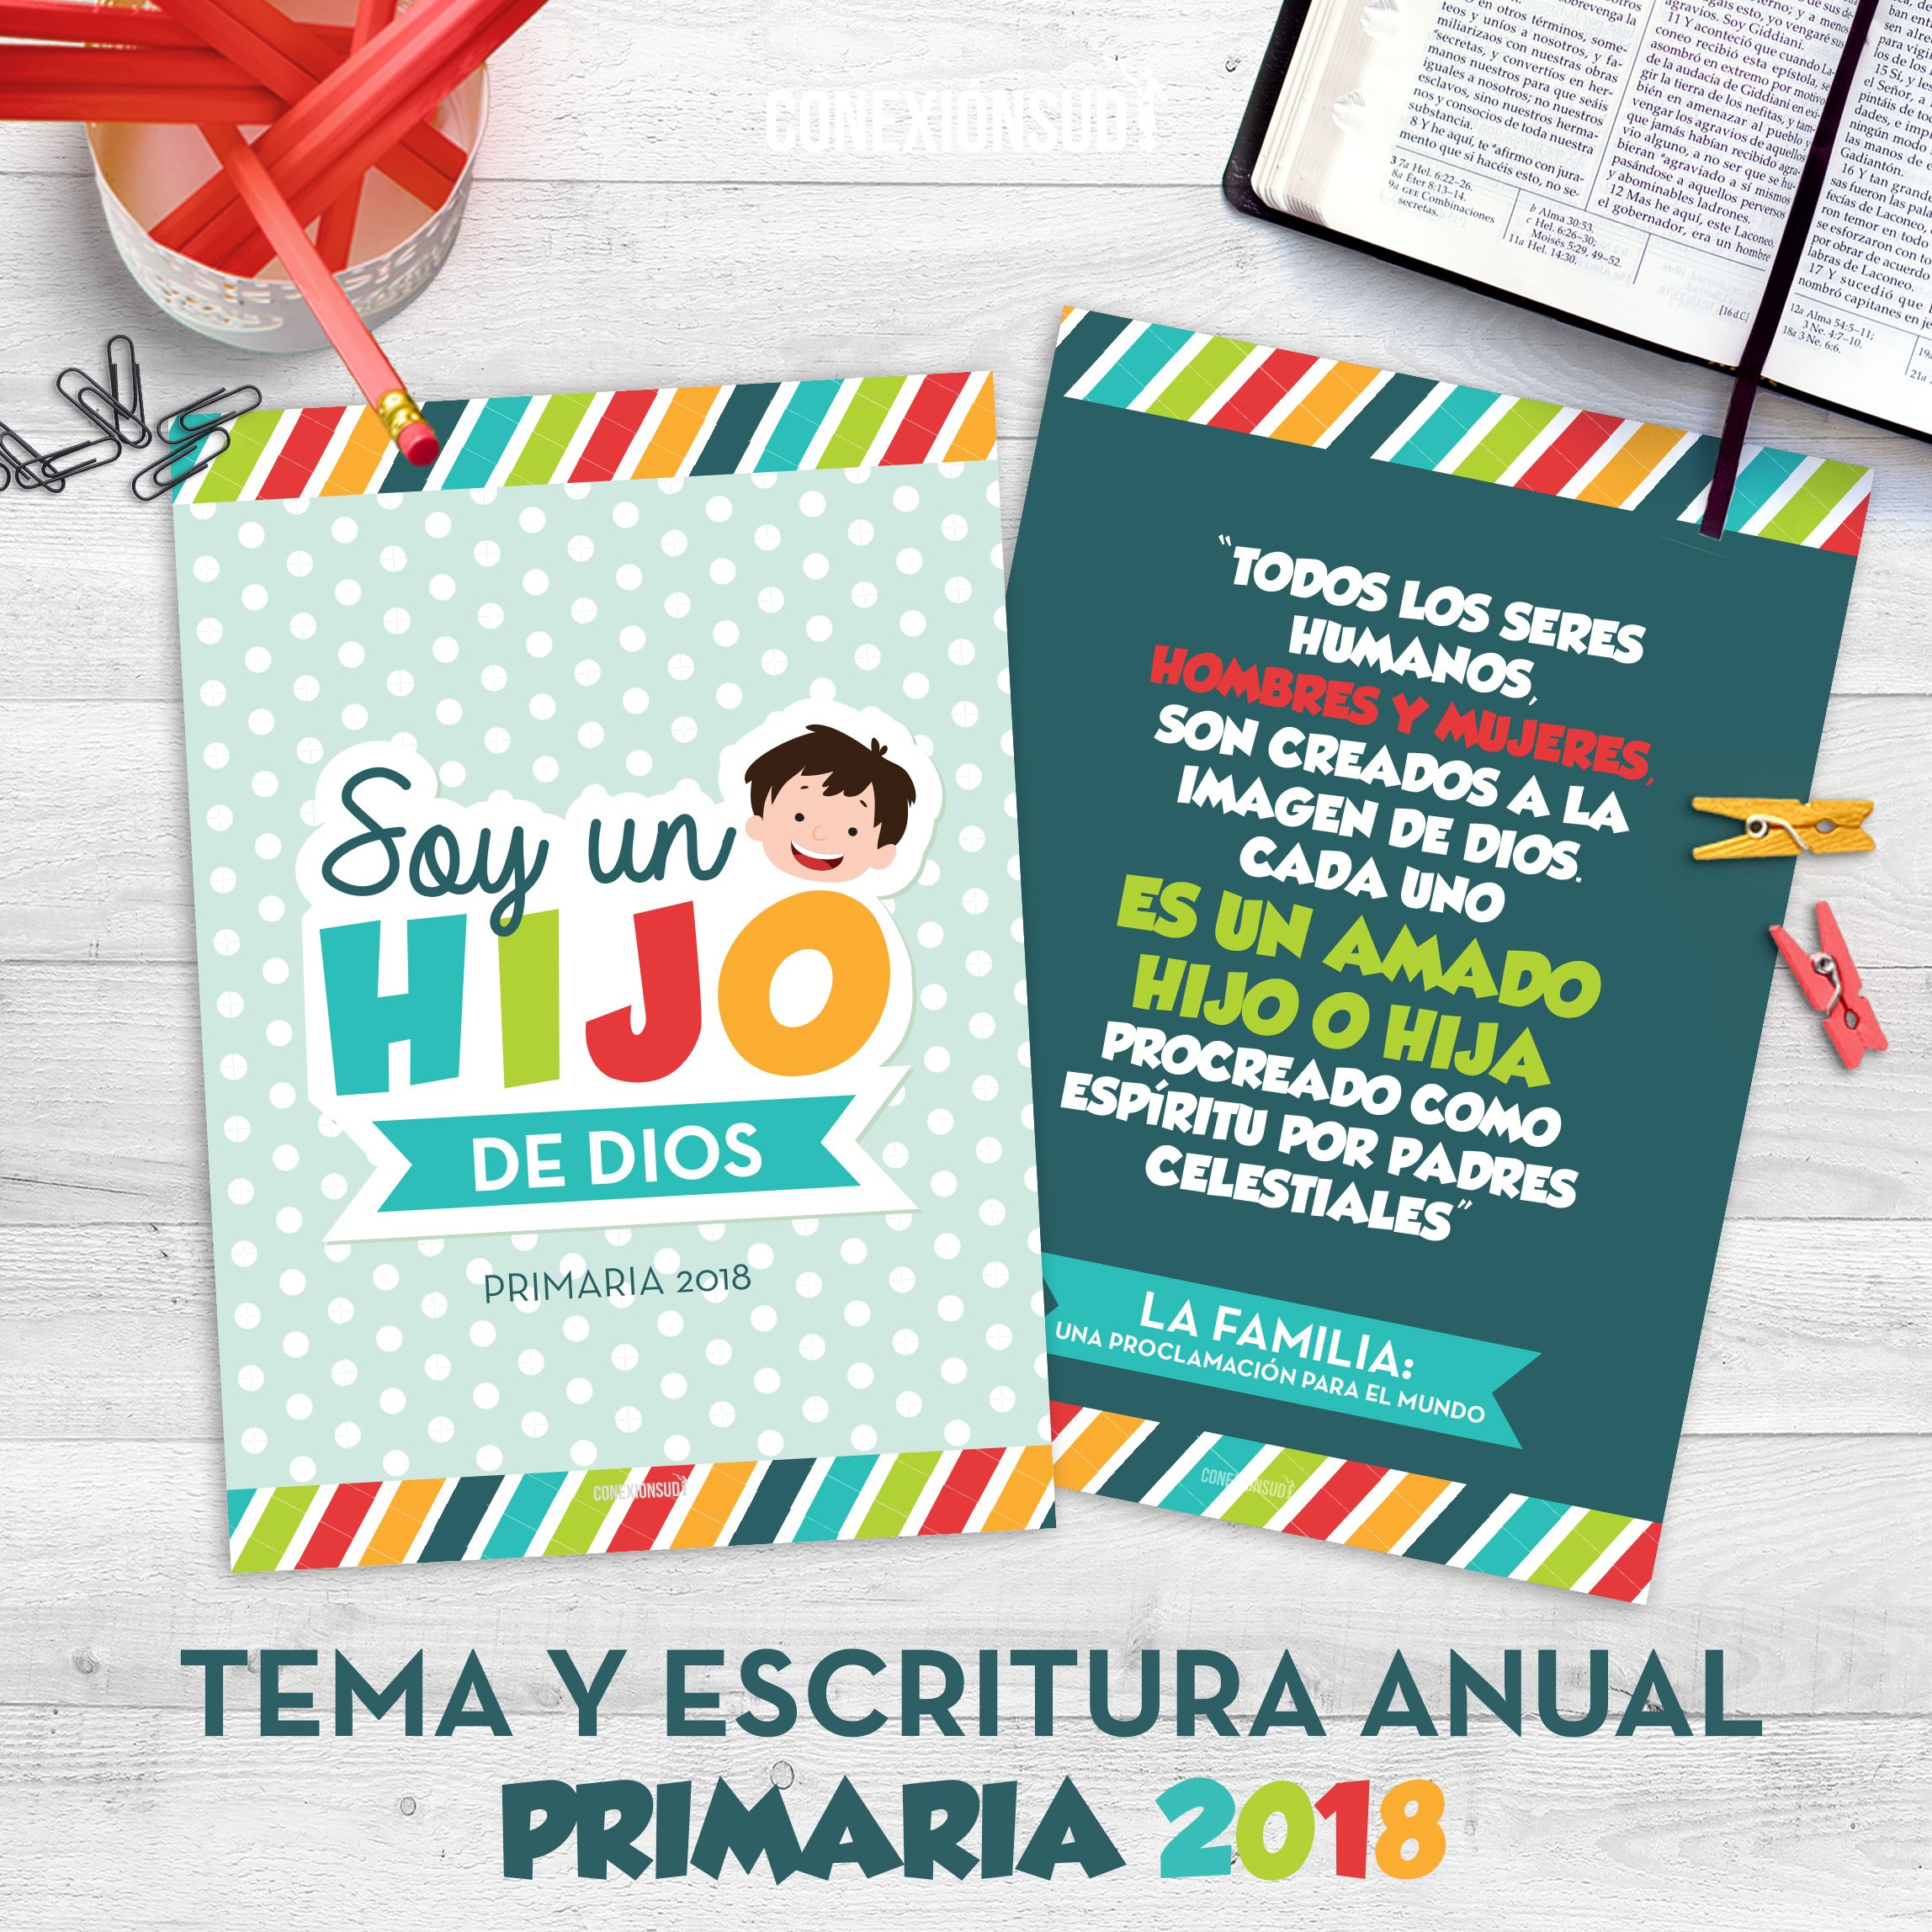 Cartelera de anuncios   hija de Dios, Hija de y Hijos